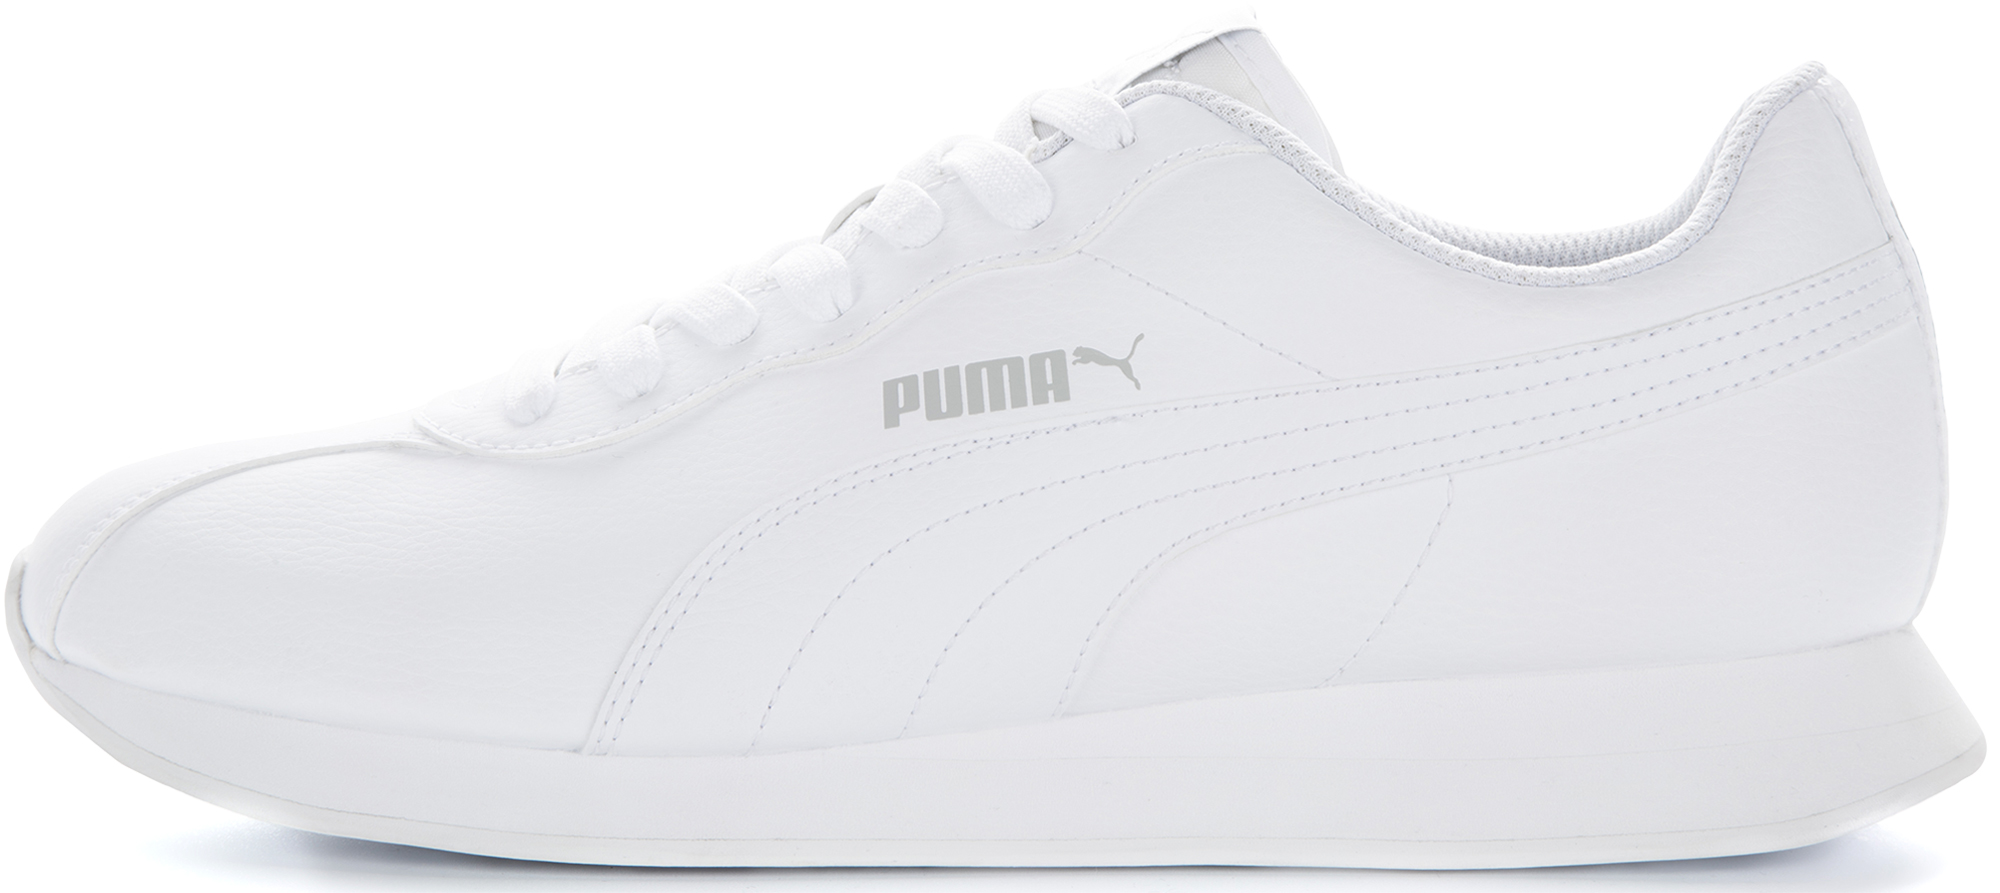 Фото - Puma Кроссовки мужские Puma Turin II, размер 40 puma кроссовки мужские puma bmw mms roma размер 43 5